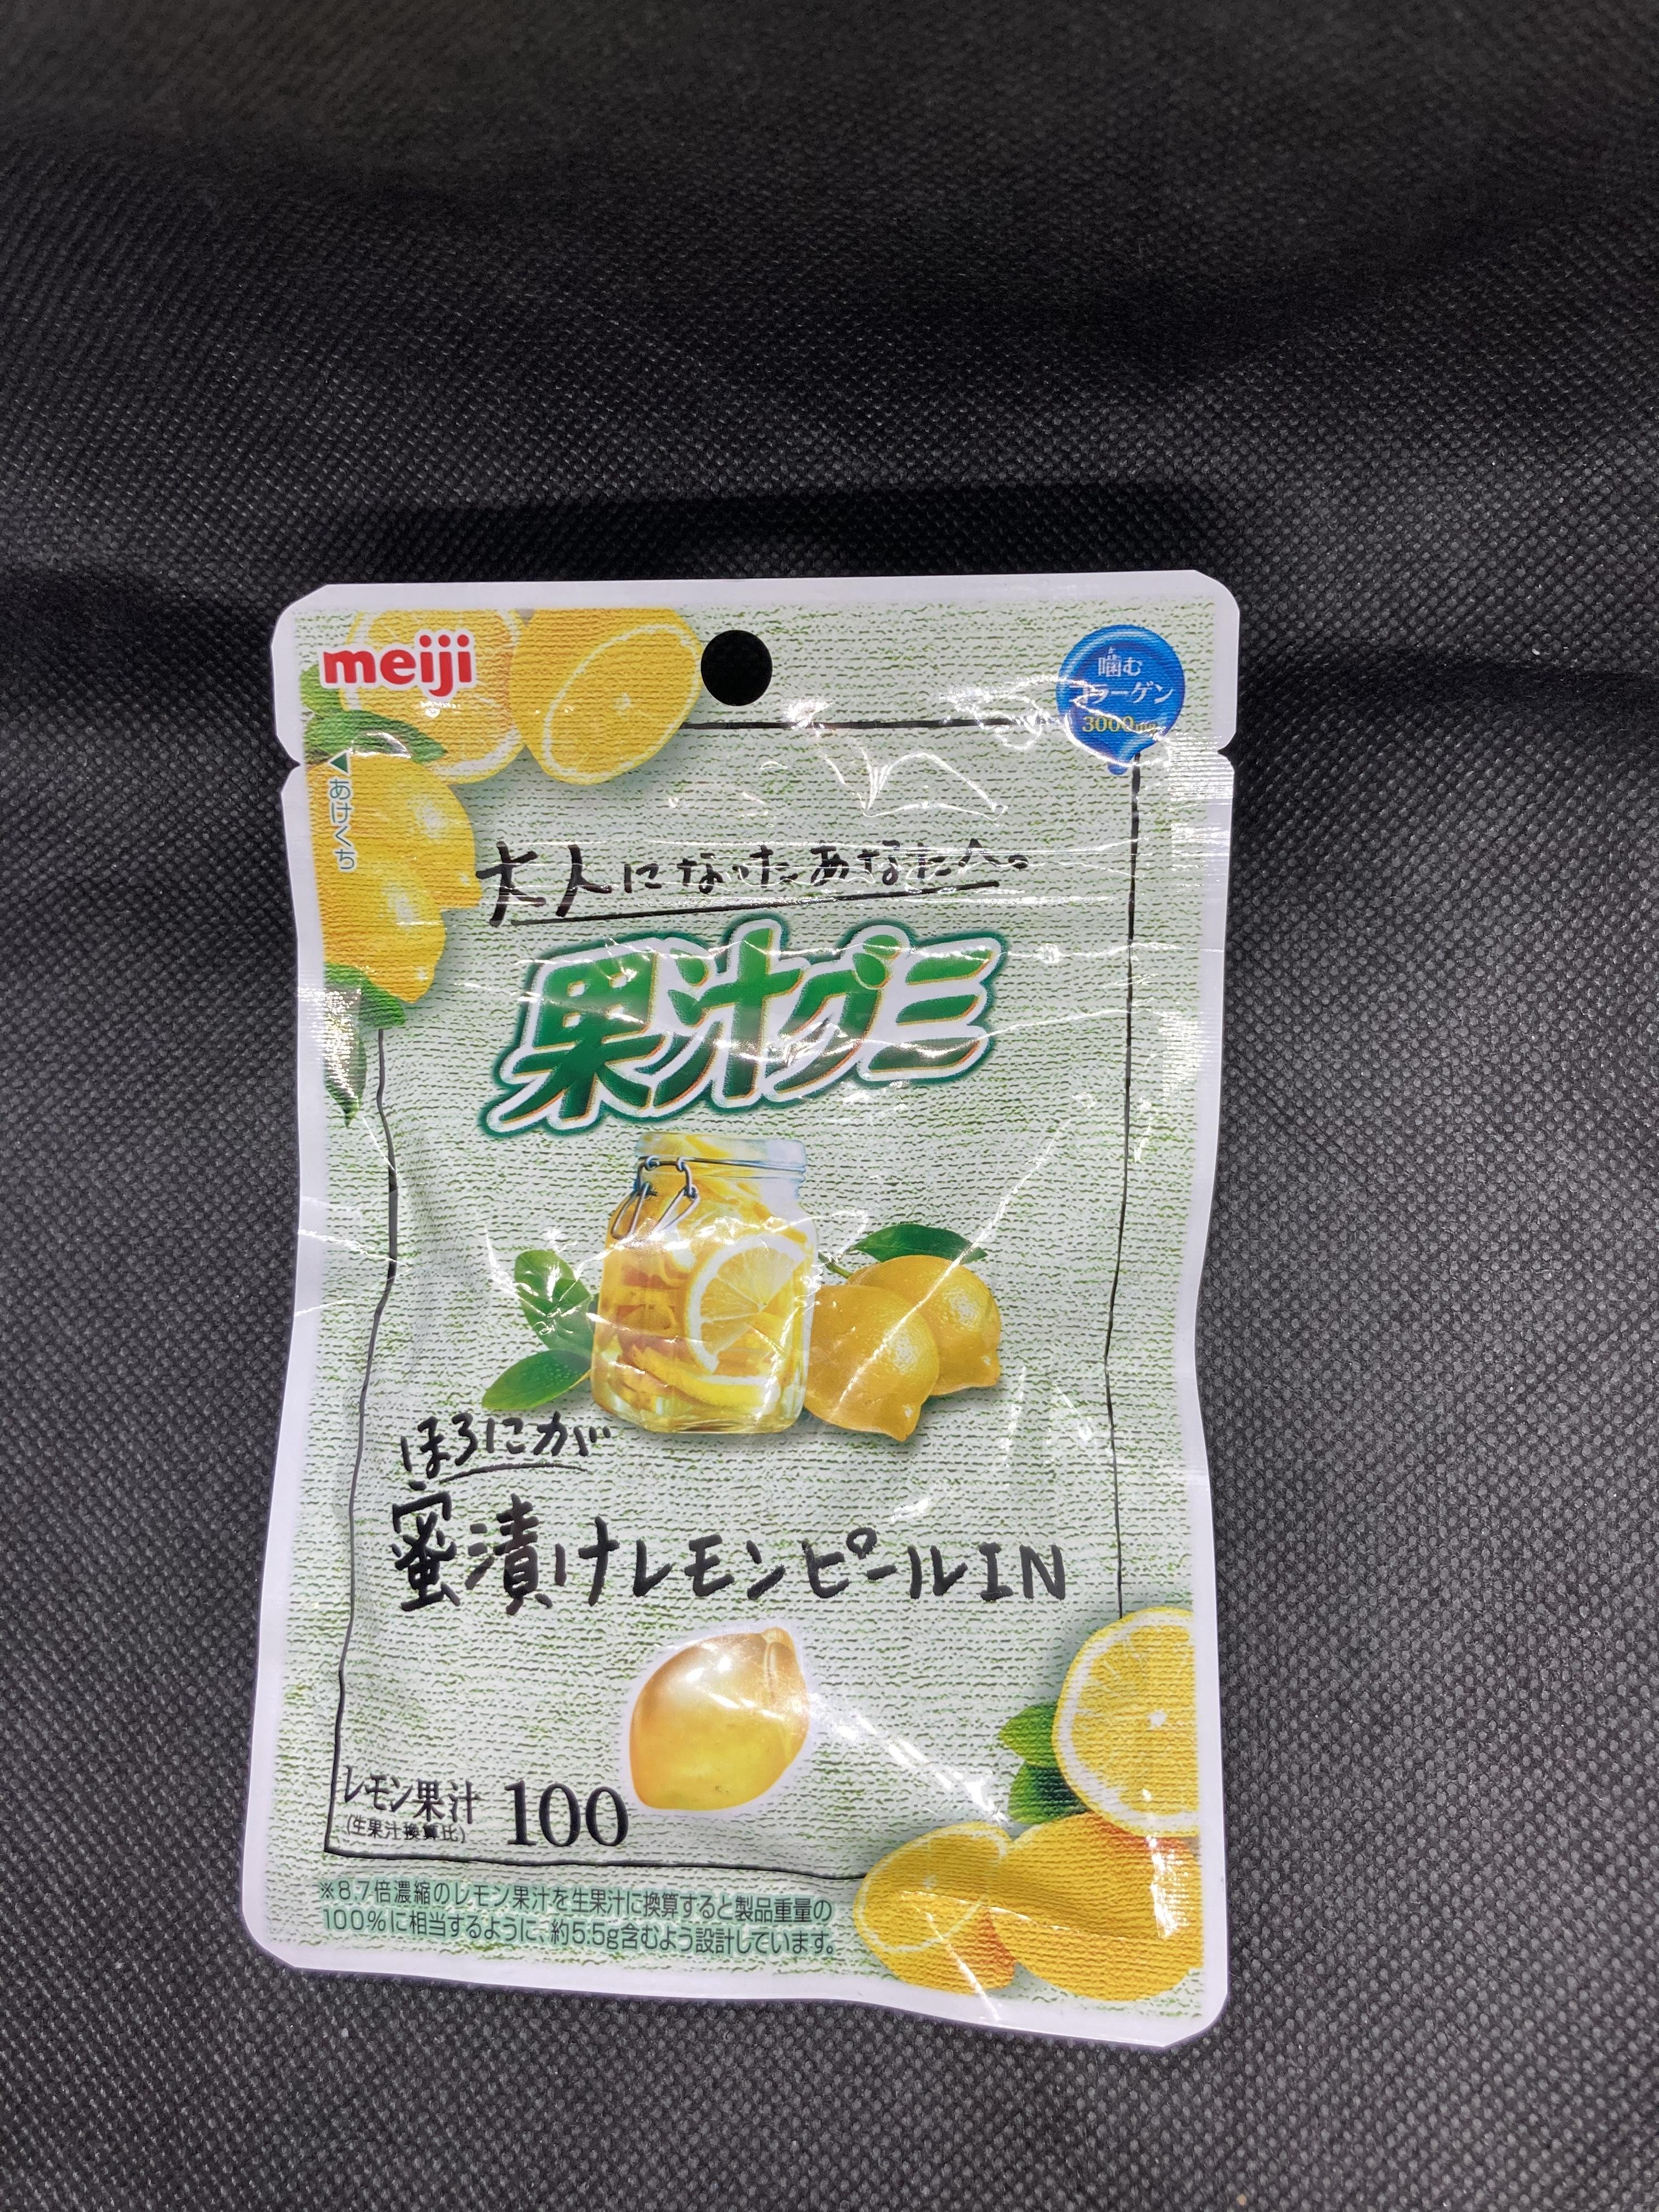 大人になったあなたへ。果汁グミ ほろにが蜜漬けレモンピールIN